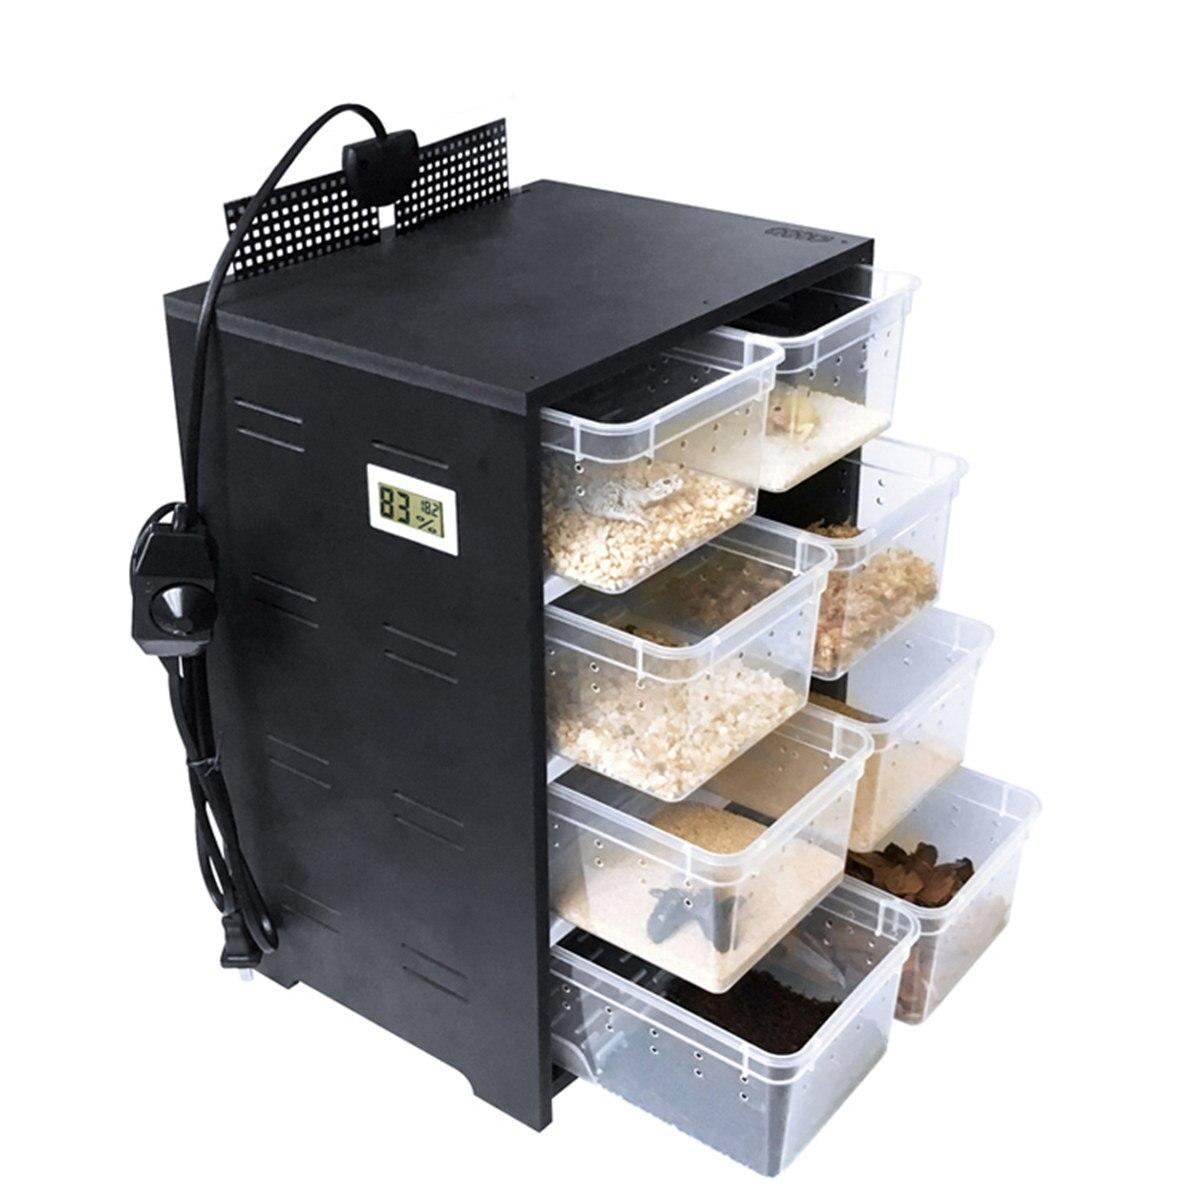 Pet Répteis Terrário Caixa de Alimentação Acrílico 4 Camadas Tanque de Criação de Insetos Lagartos Casa Aquecimento Pad Gaiola Gaveta com Higrômetro